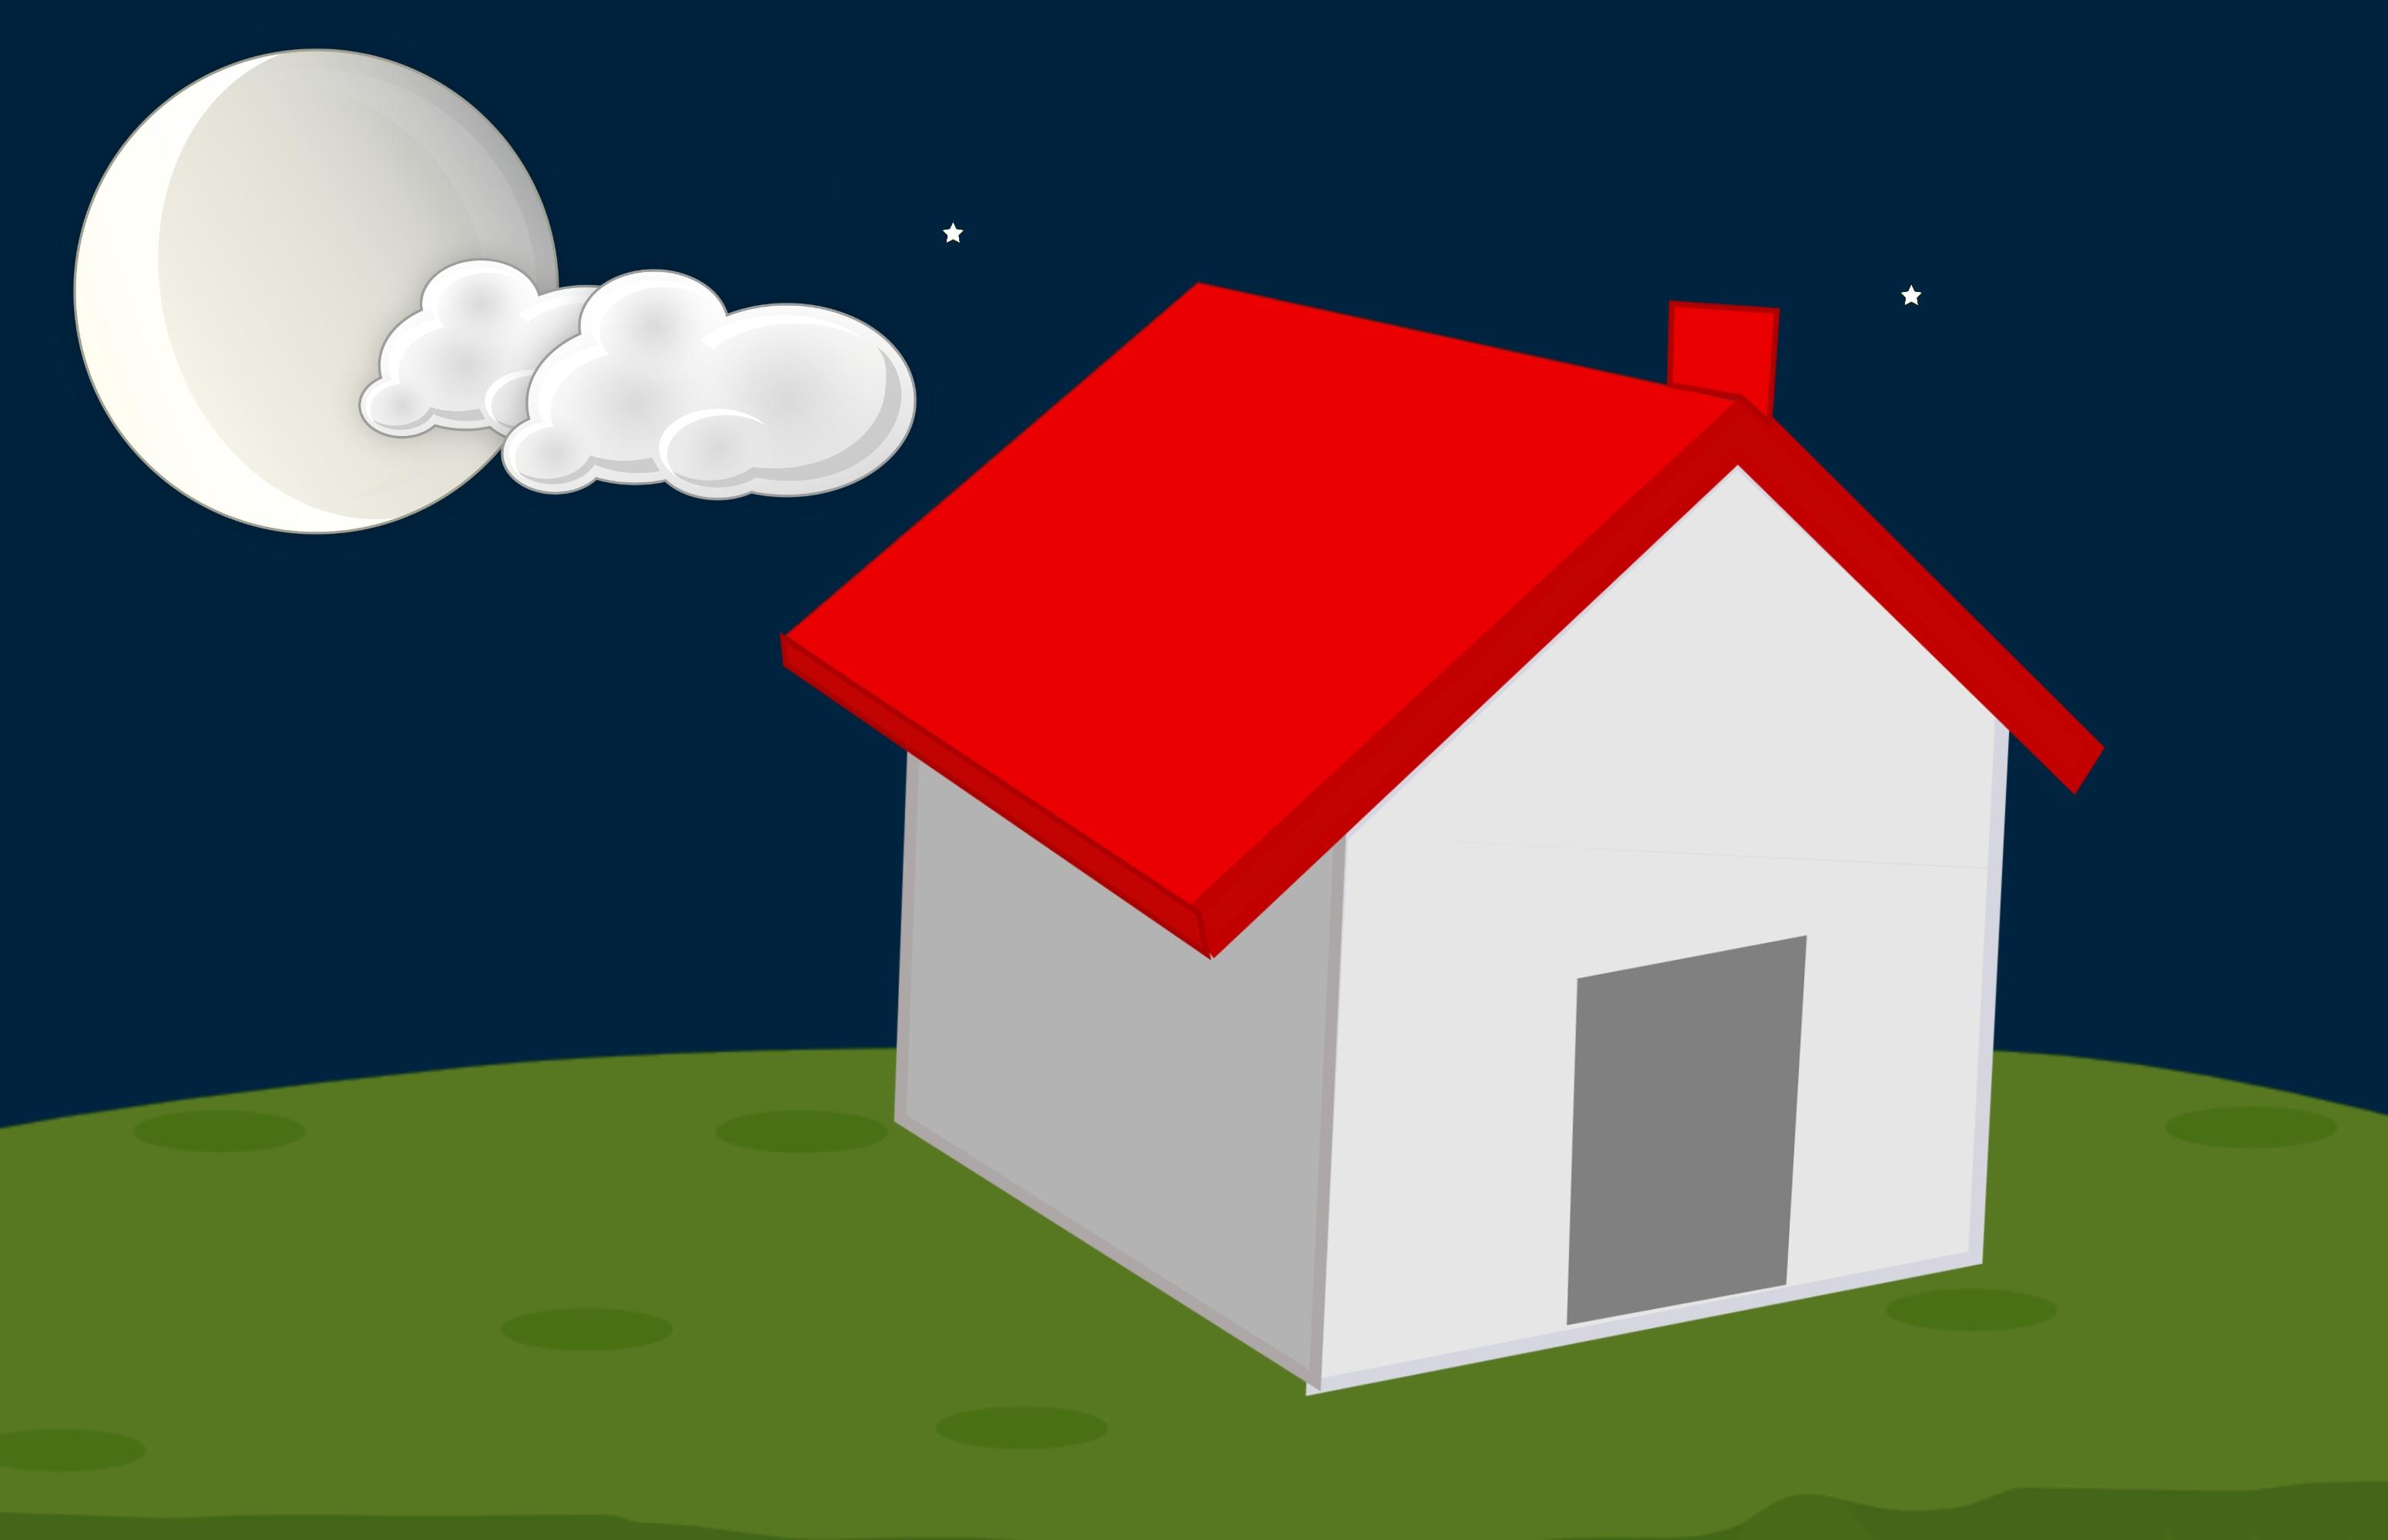 7100 Gambar Animasi Lingkungan Rumah HD Terbaru